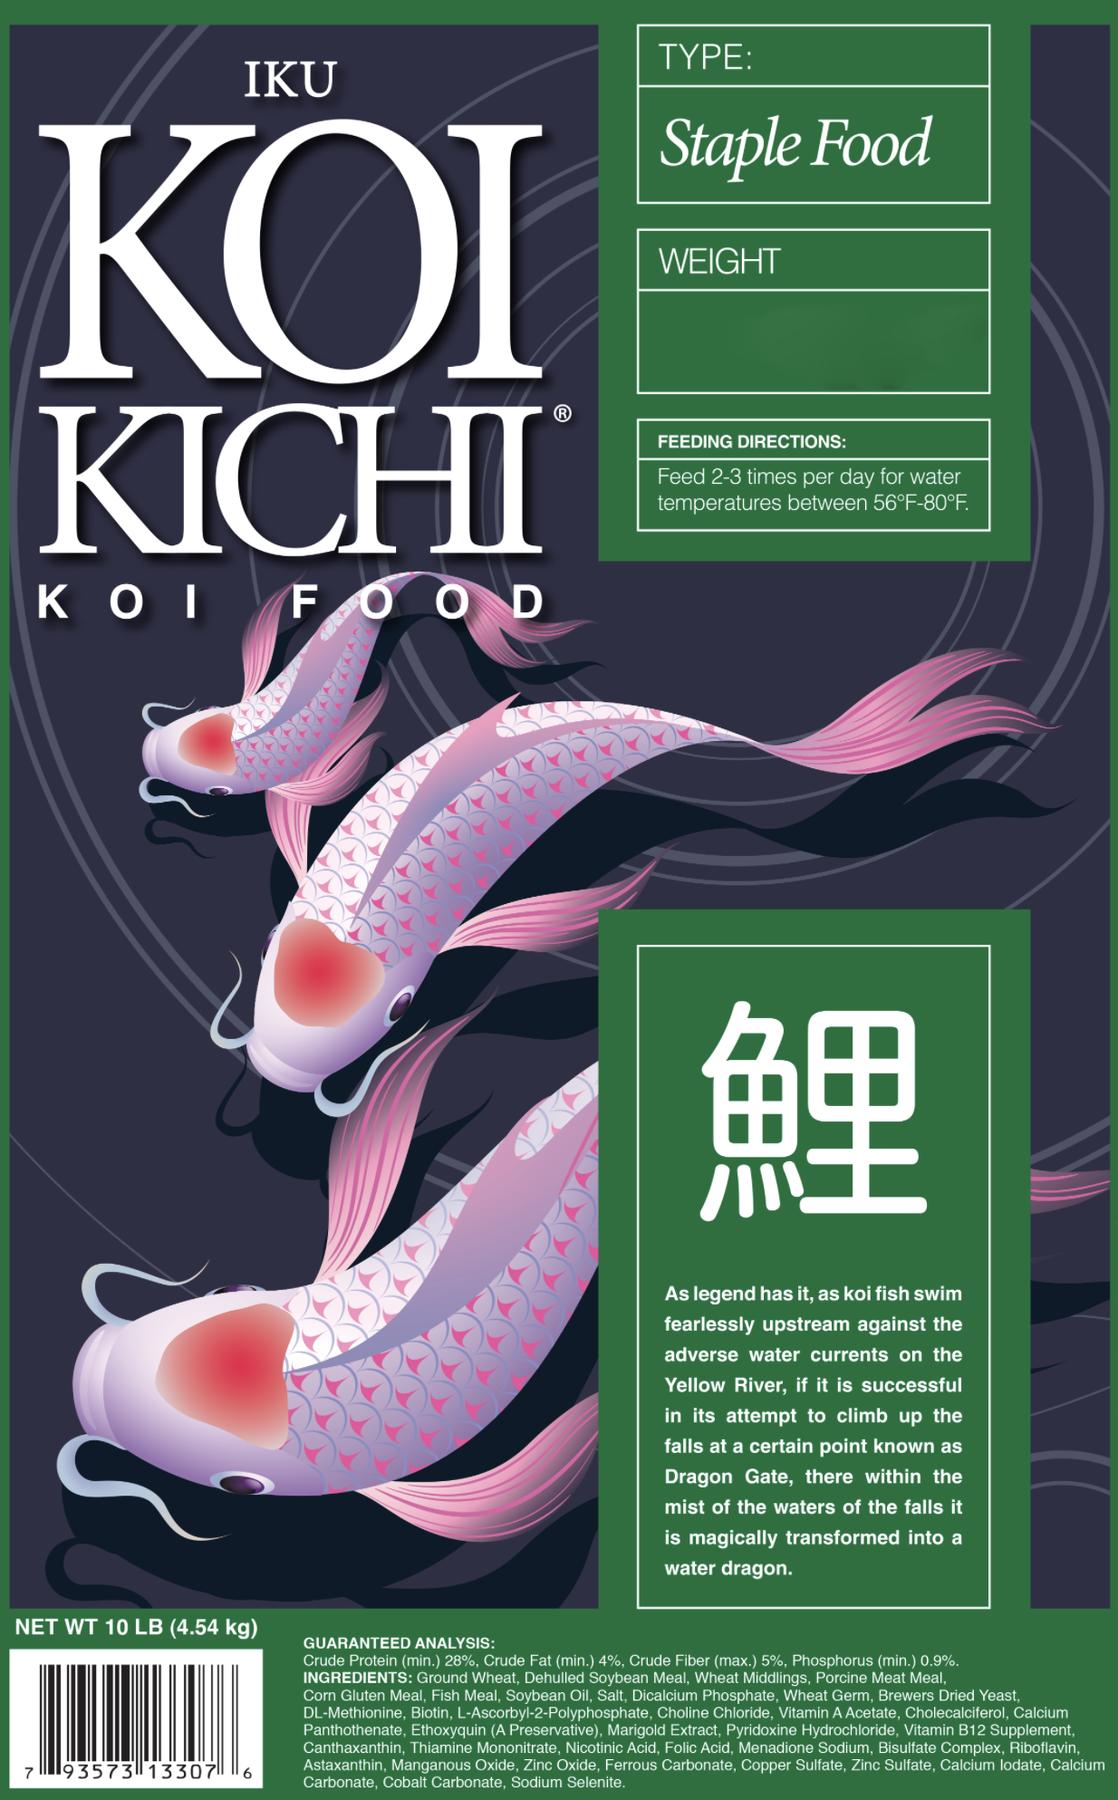 Iku Koi Kichi Staple Koi Fish Food - 16 lbs. (Bucket)